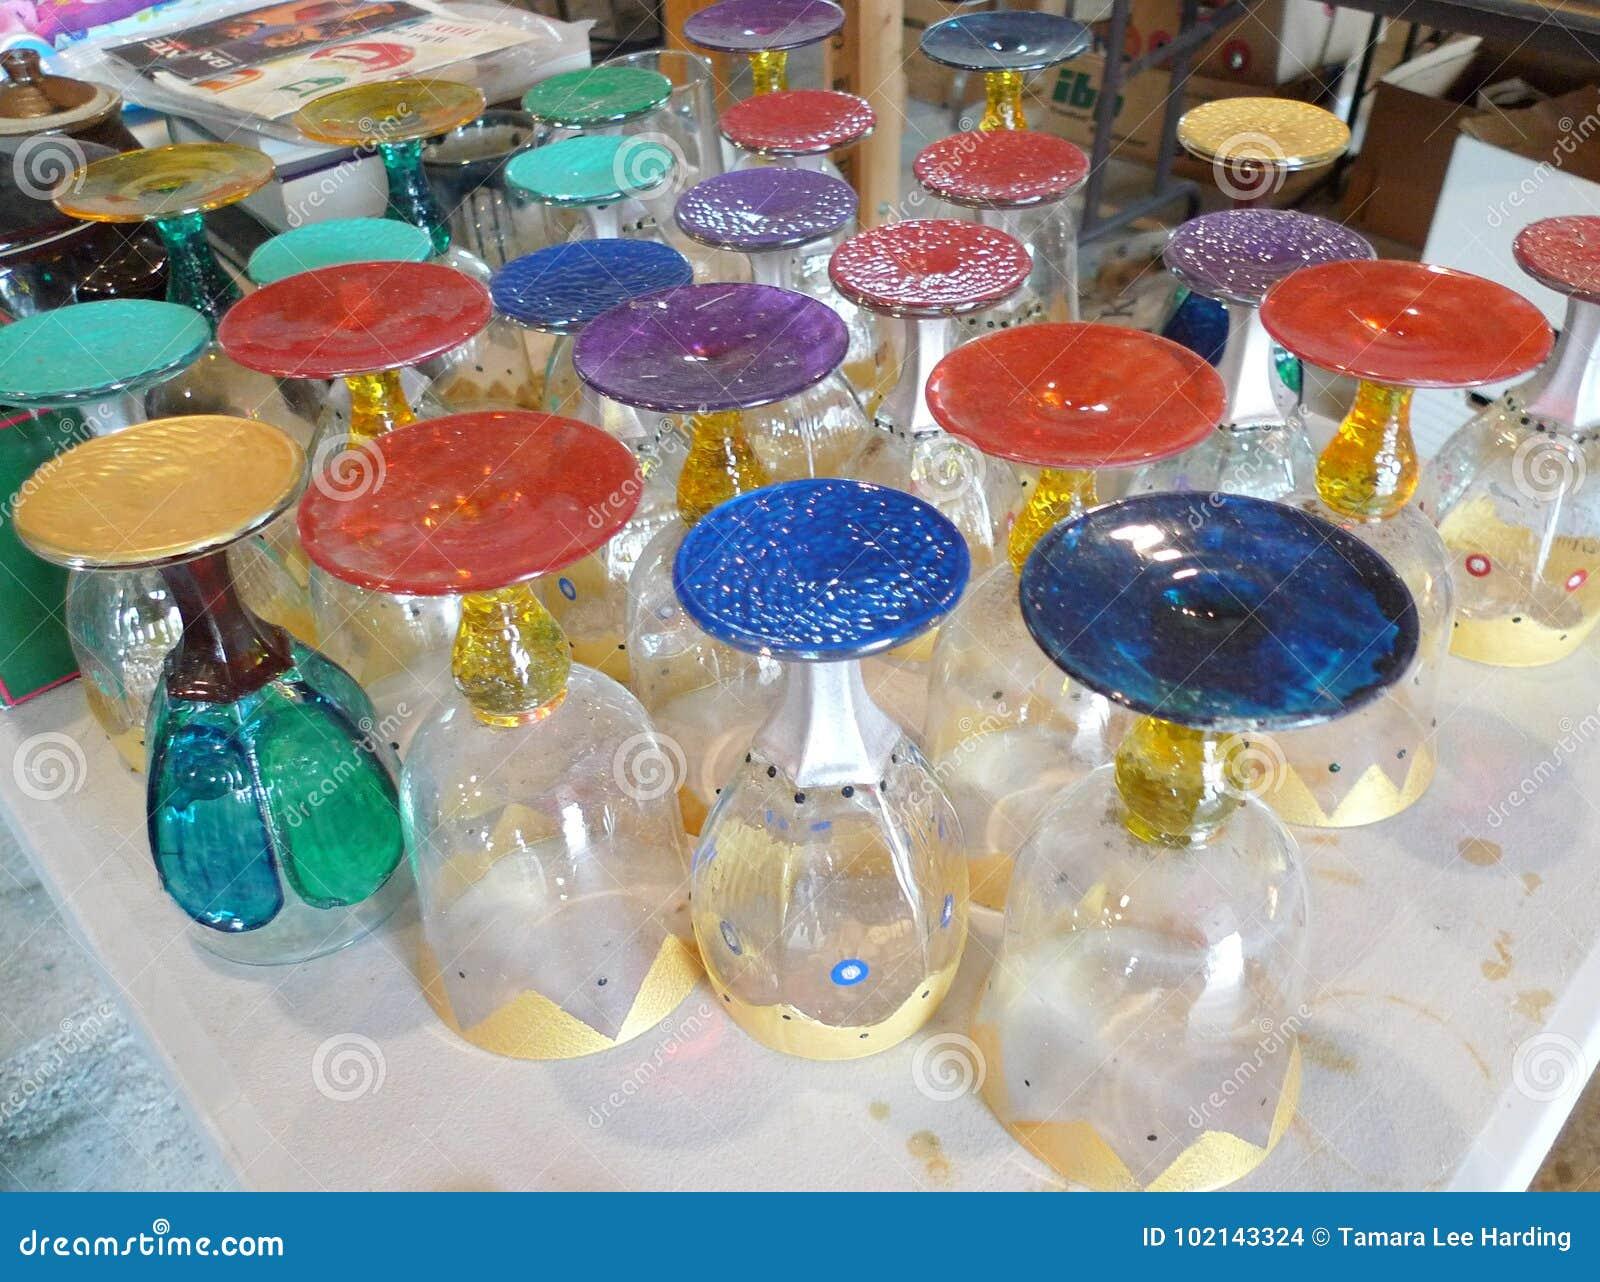 Antique Glassware Colorful Glassware Wine Glasses Decorative Colors